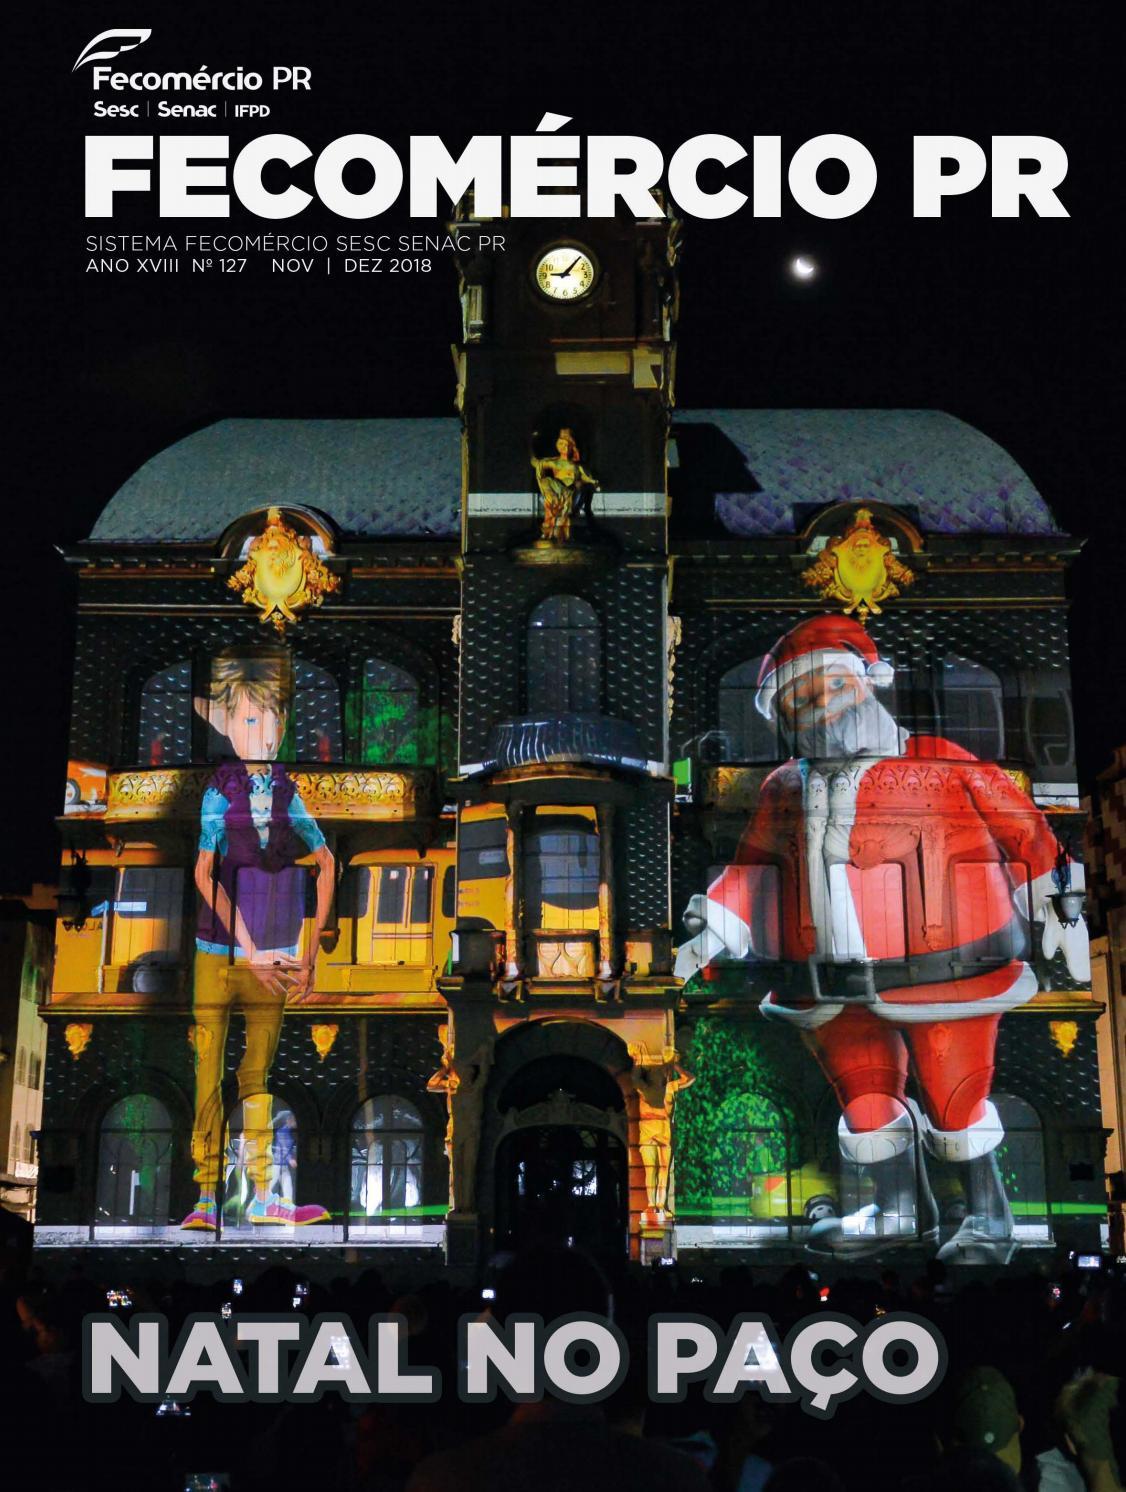 6d4d2d929 Revista Fecomércio PR - nº 127 by Federação do Comércio de Bens, Serviços e  Turismo do Paraná - issuu